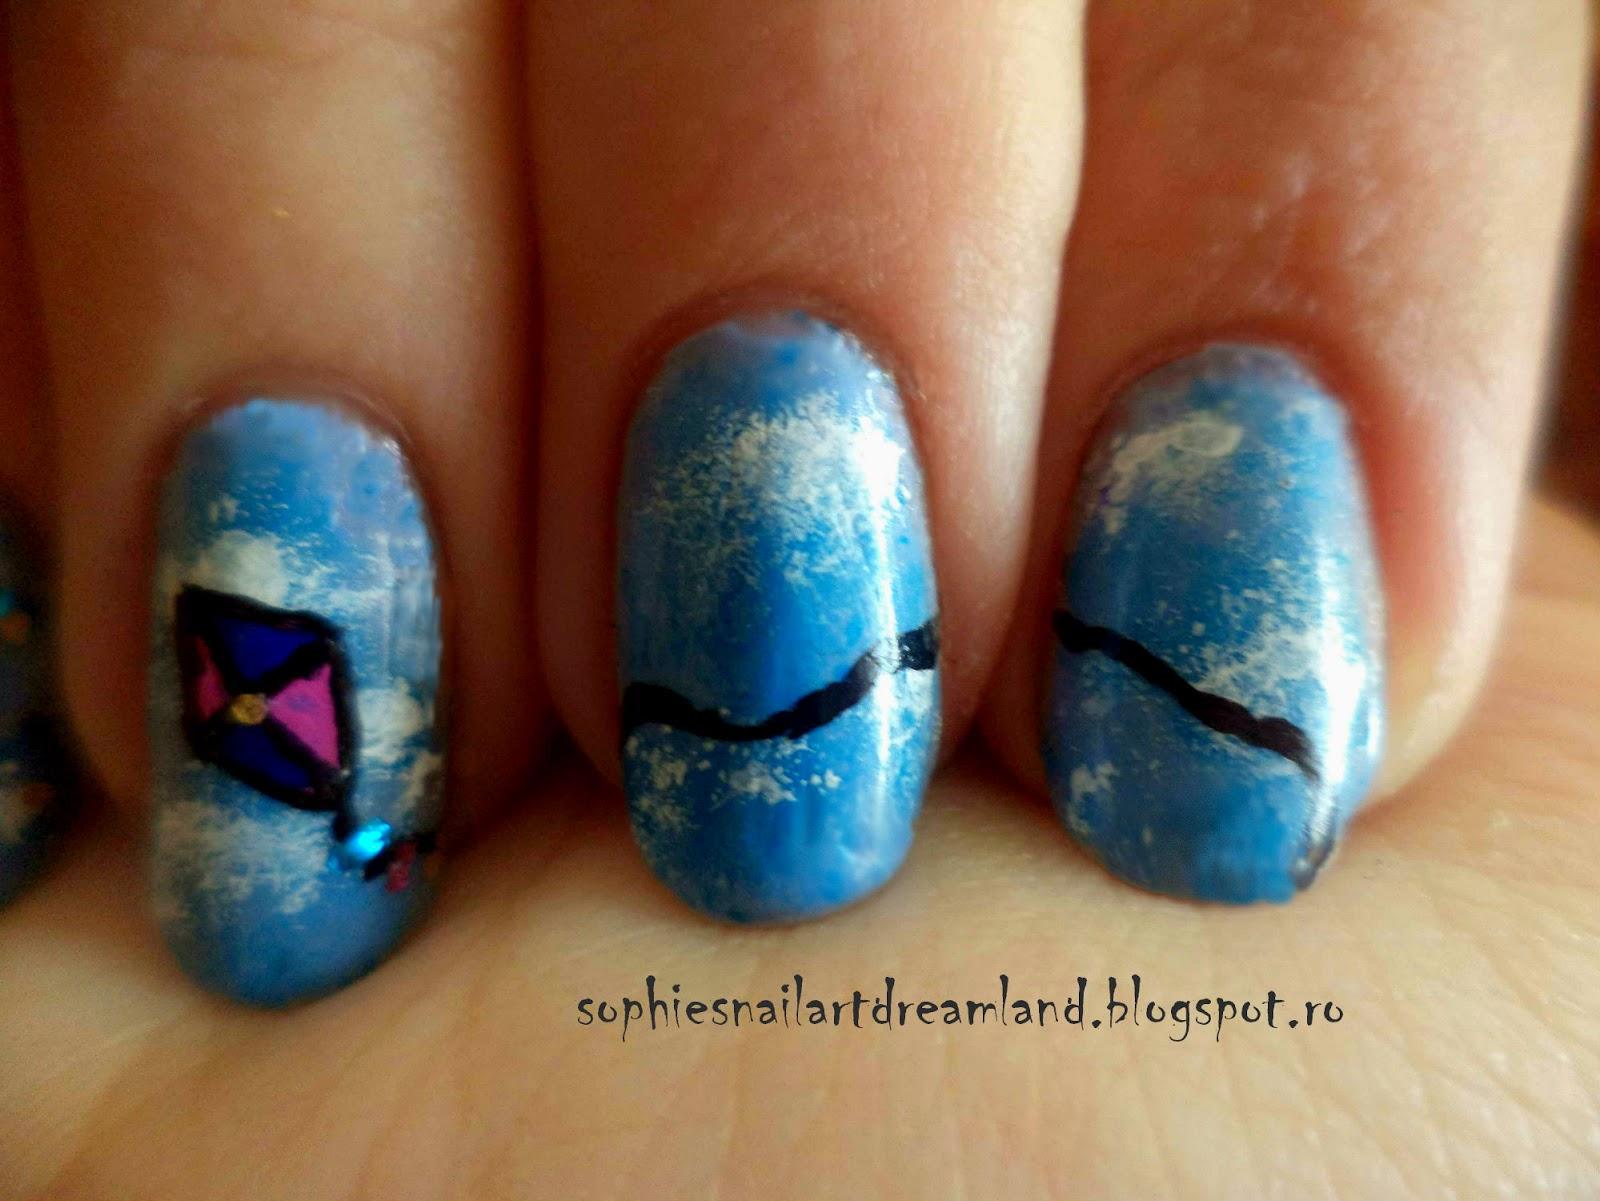 Alphabet nail art challenge - Letter K for... Kite! | Sophie\'s Nail ...